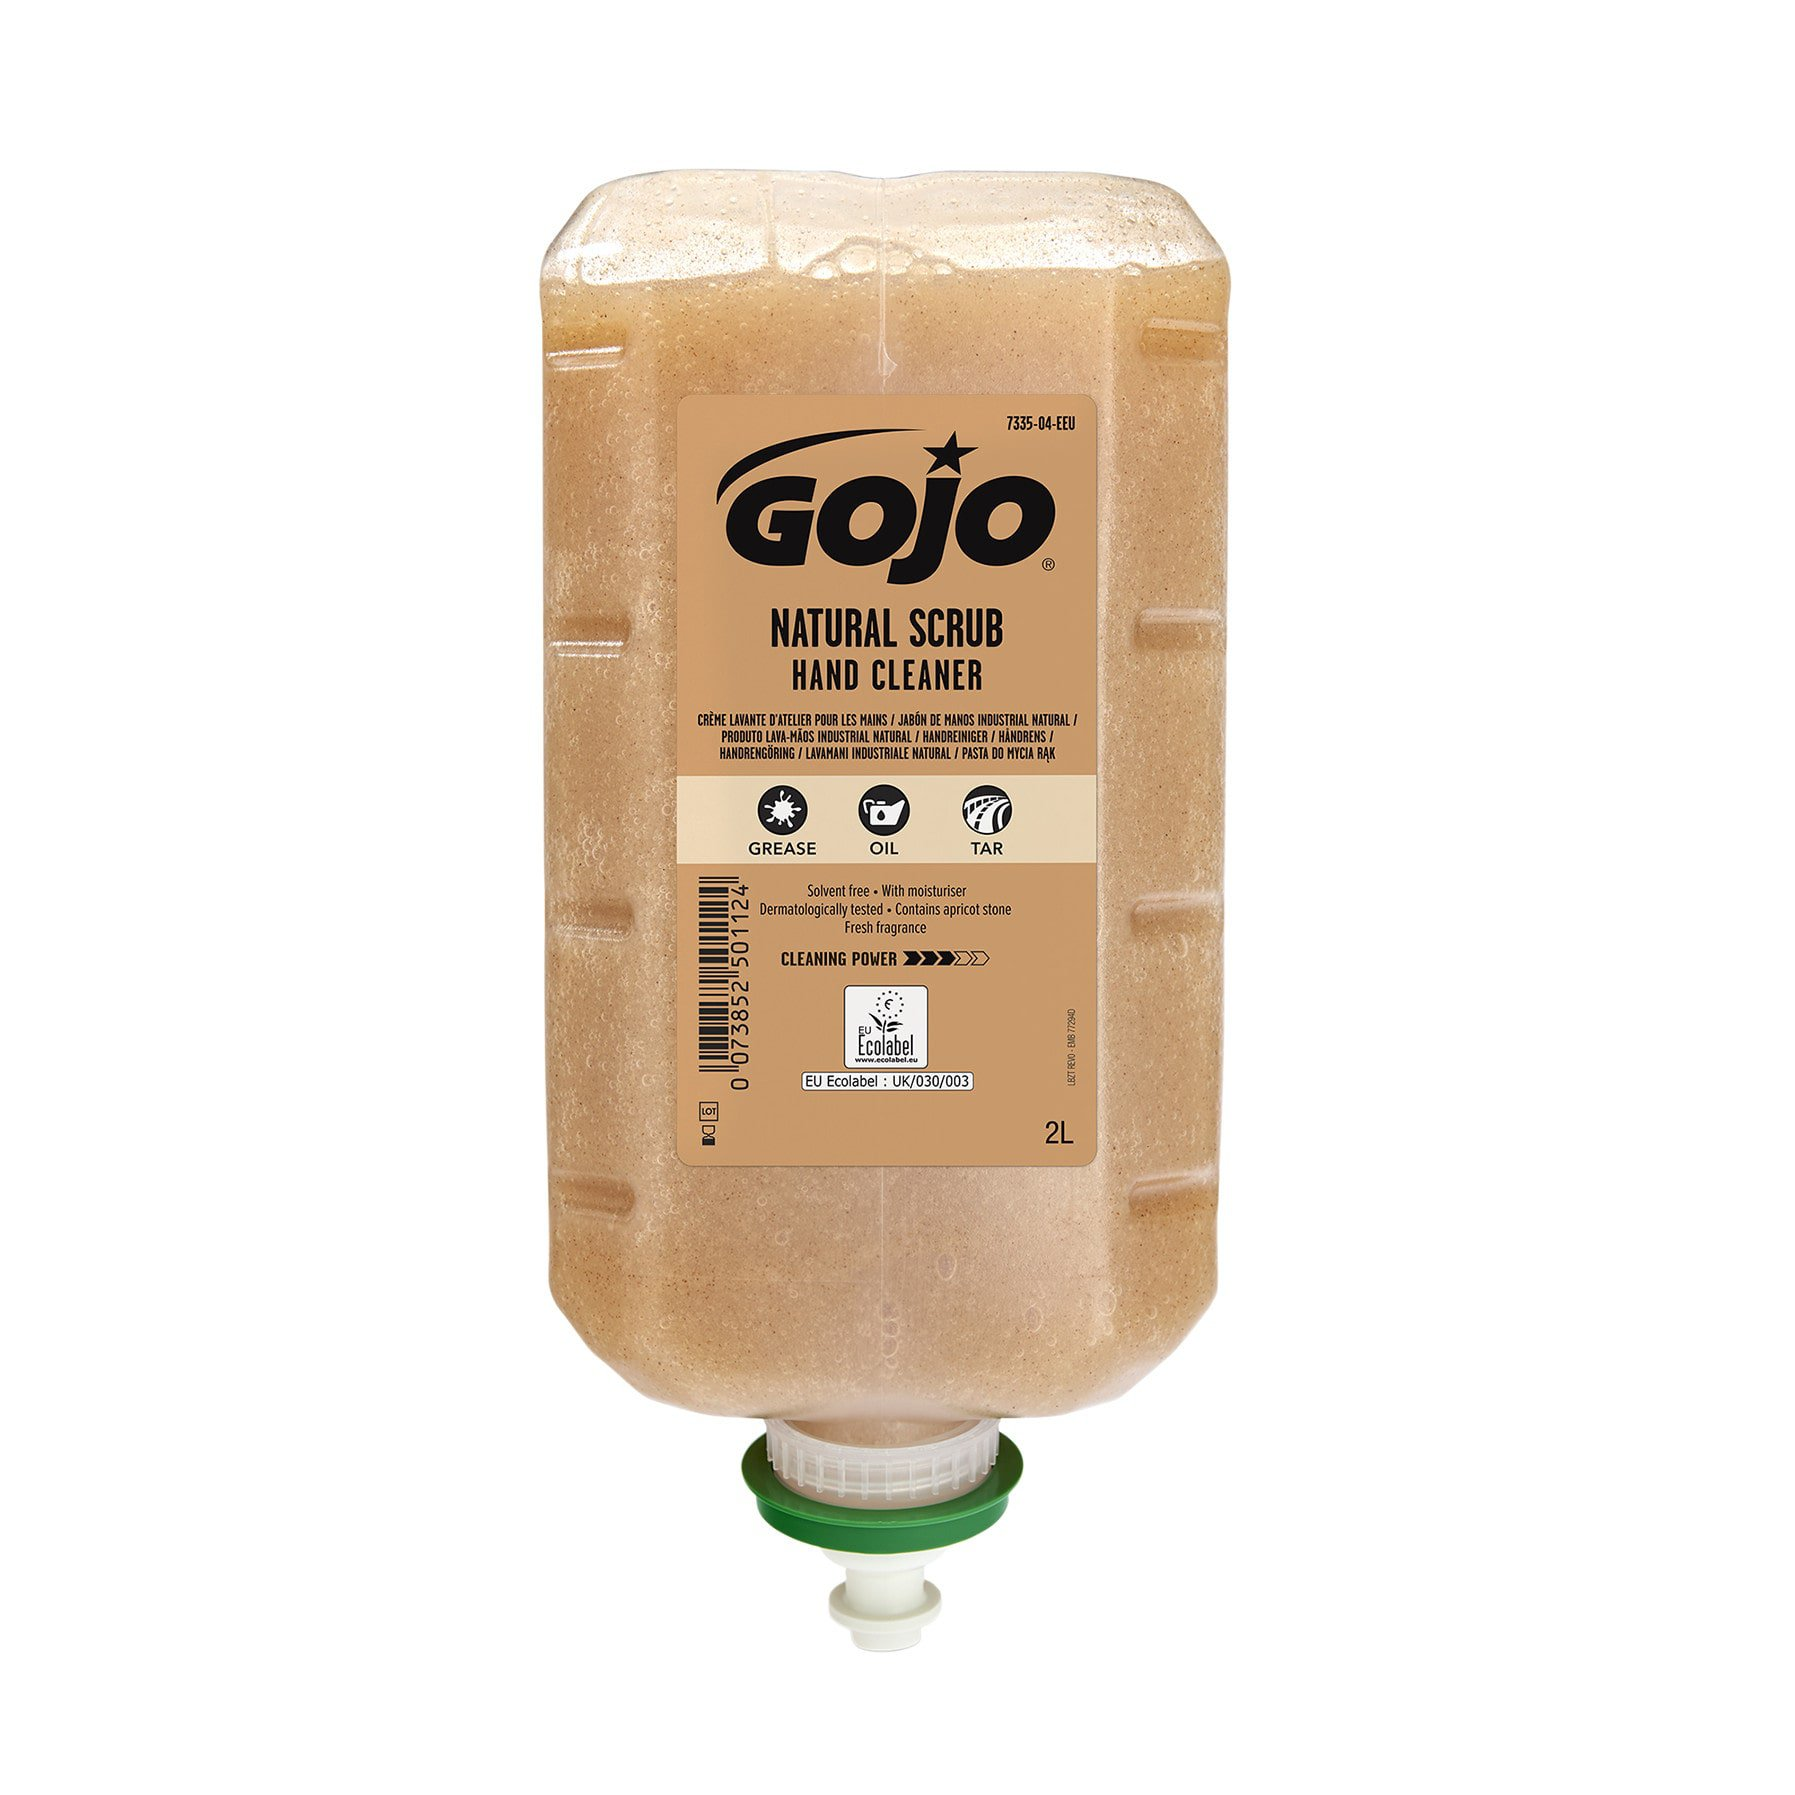 Gojo | Natural Scrub | Handreiniger | 4 x 2 liter